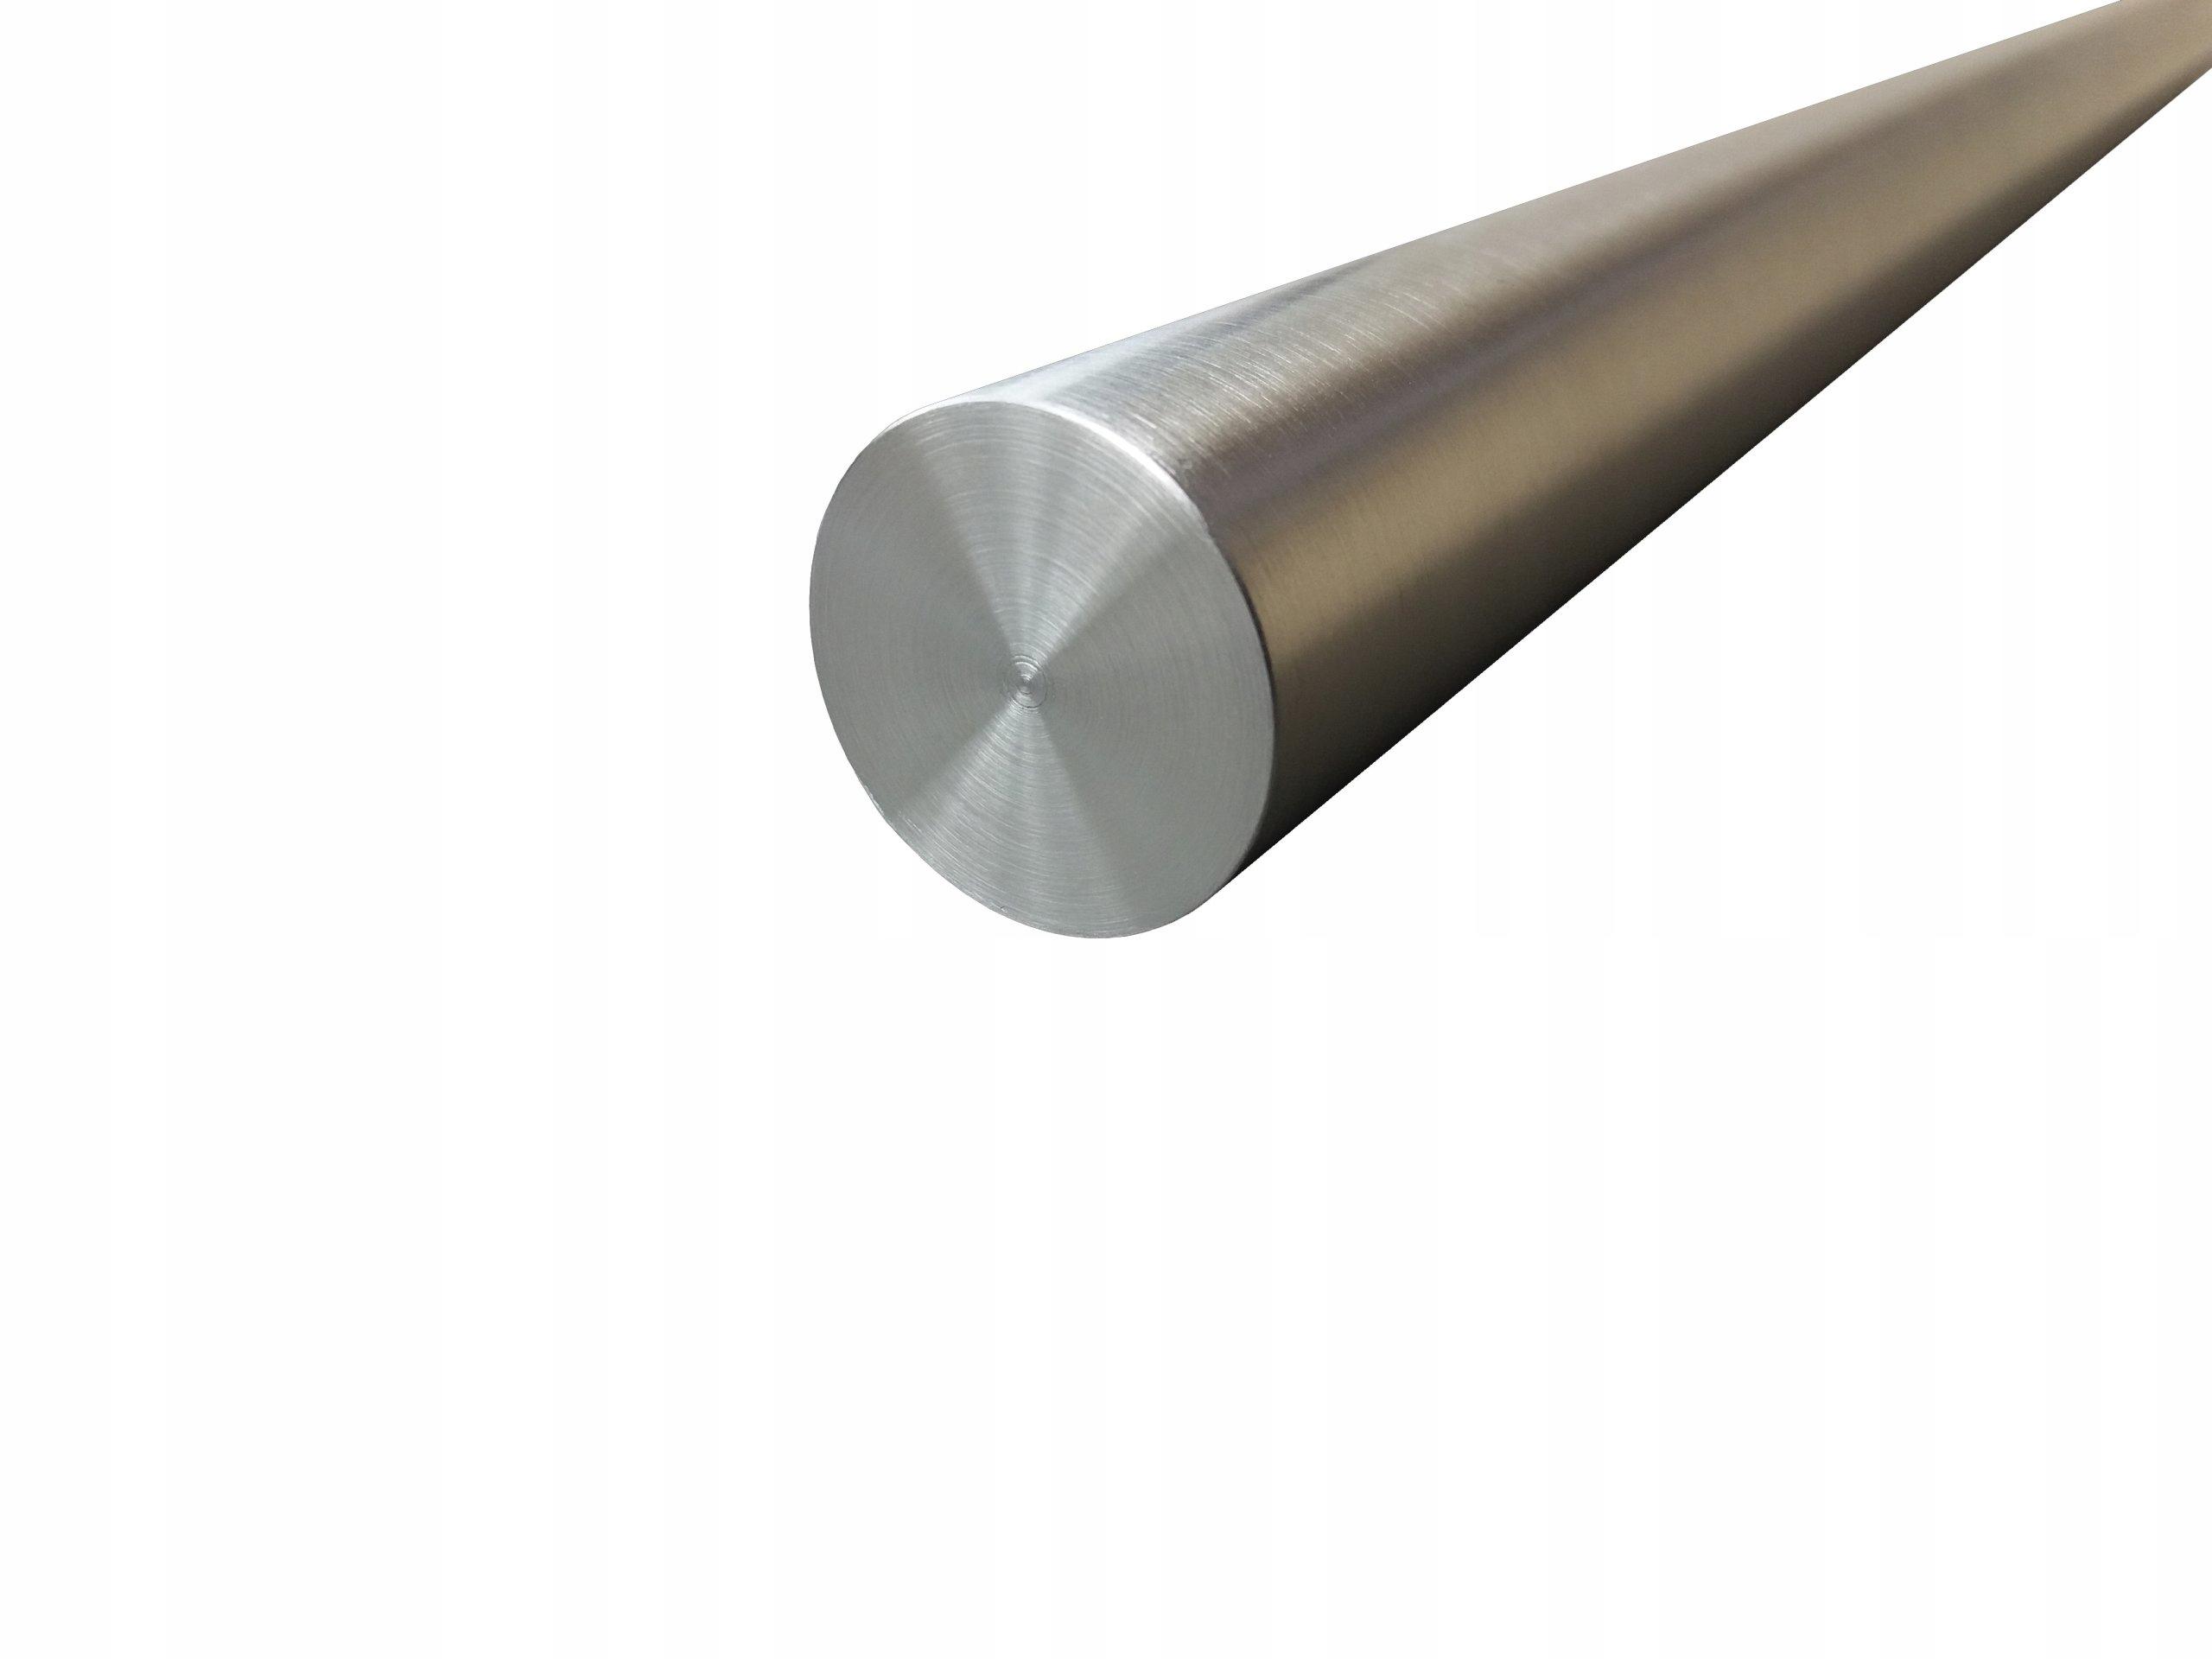 Nerezová tyčová kyselina odolná voči fi 60 mm 20 cm inox